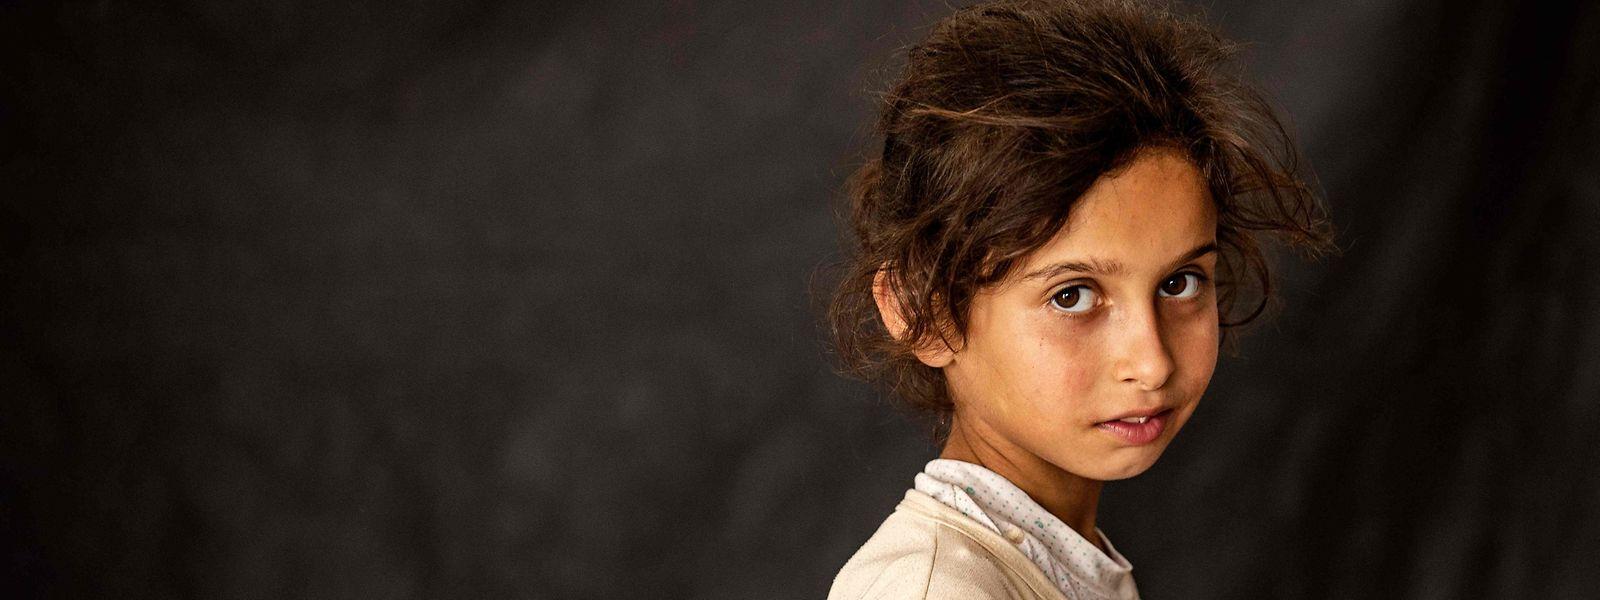 Mehr als 80 Staaten und Organisationen nehmen an einer Online-Geberkonferenz für Syrien teil. Besonders für die notleidende Zivilbevölkerung sowie die syrischen Flüchtlinge in den Nachbarländern soll finanzielle Unterstützung gesammelt werden.